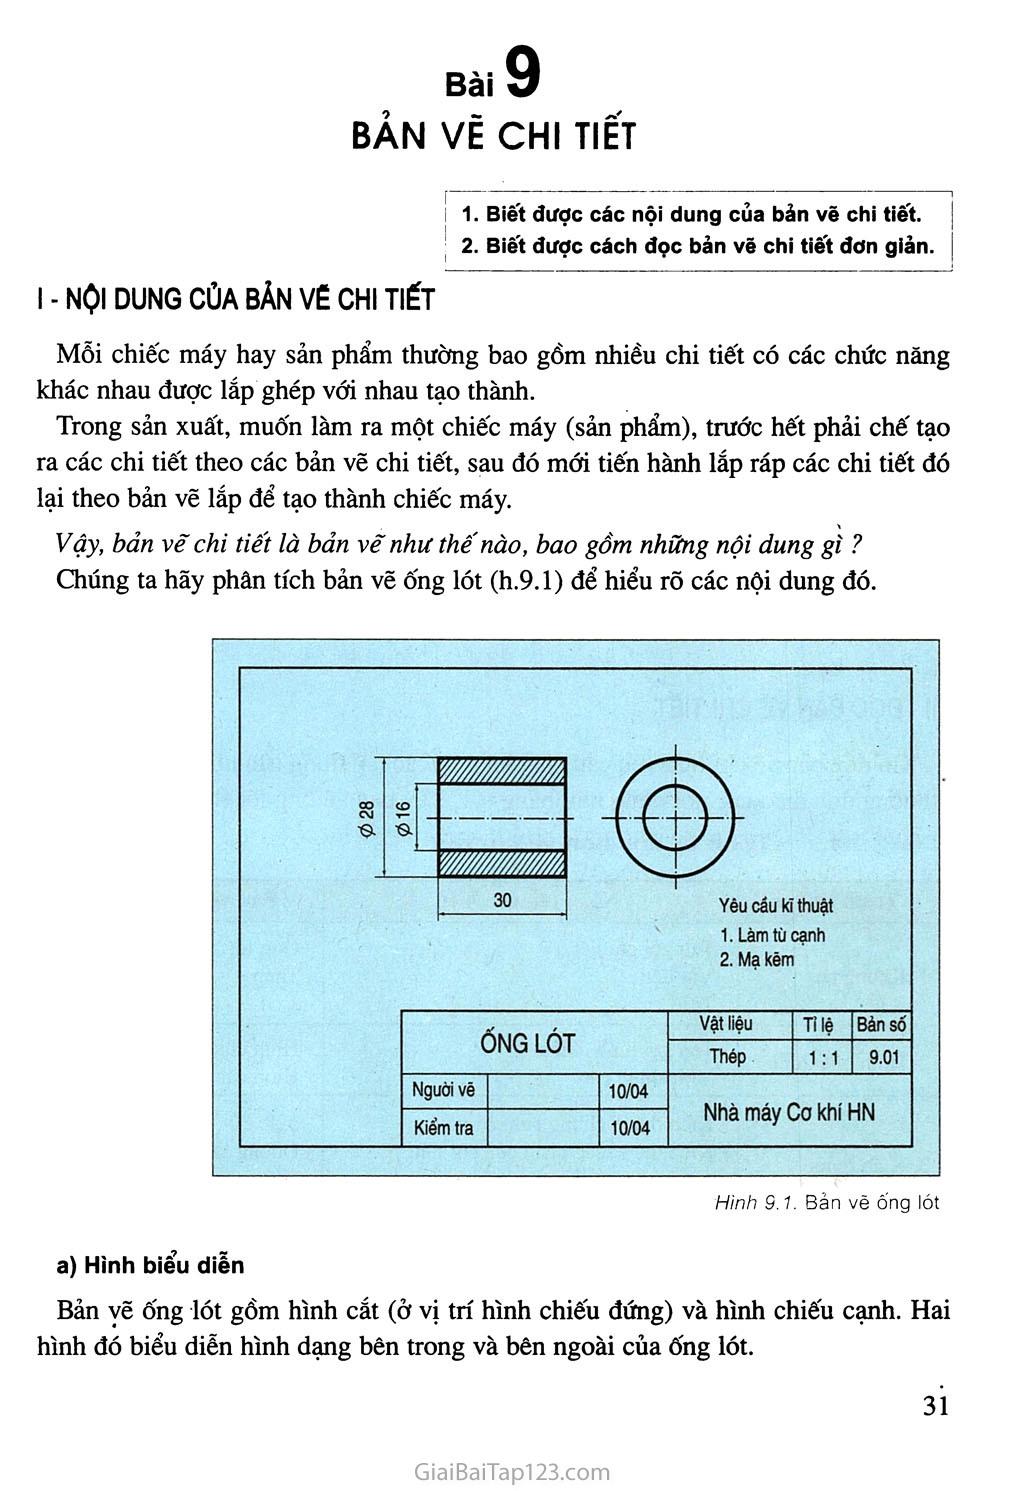 Bài 9. Bản vẽ chi tiết trang 1